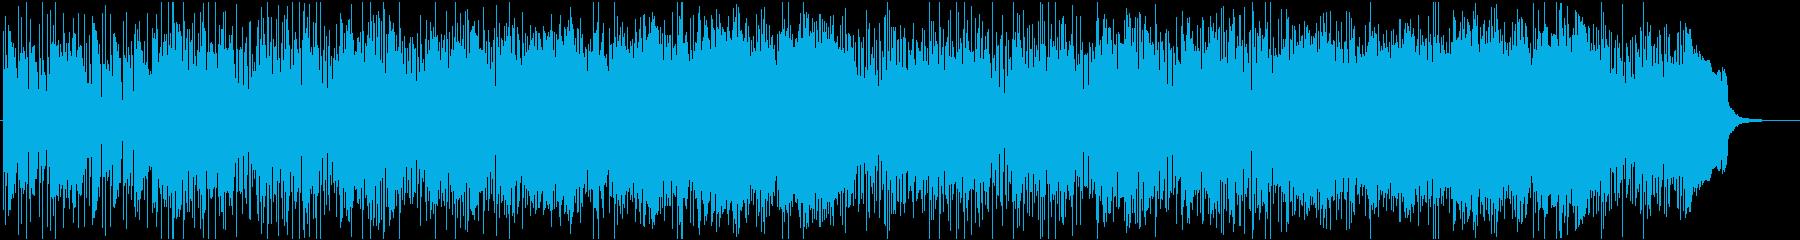 アップテンポであやしげなサーフロックの再生済みの波形